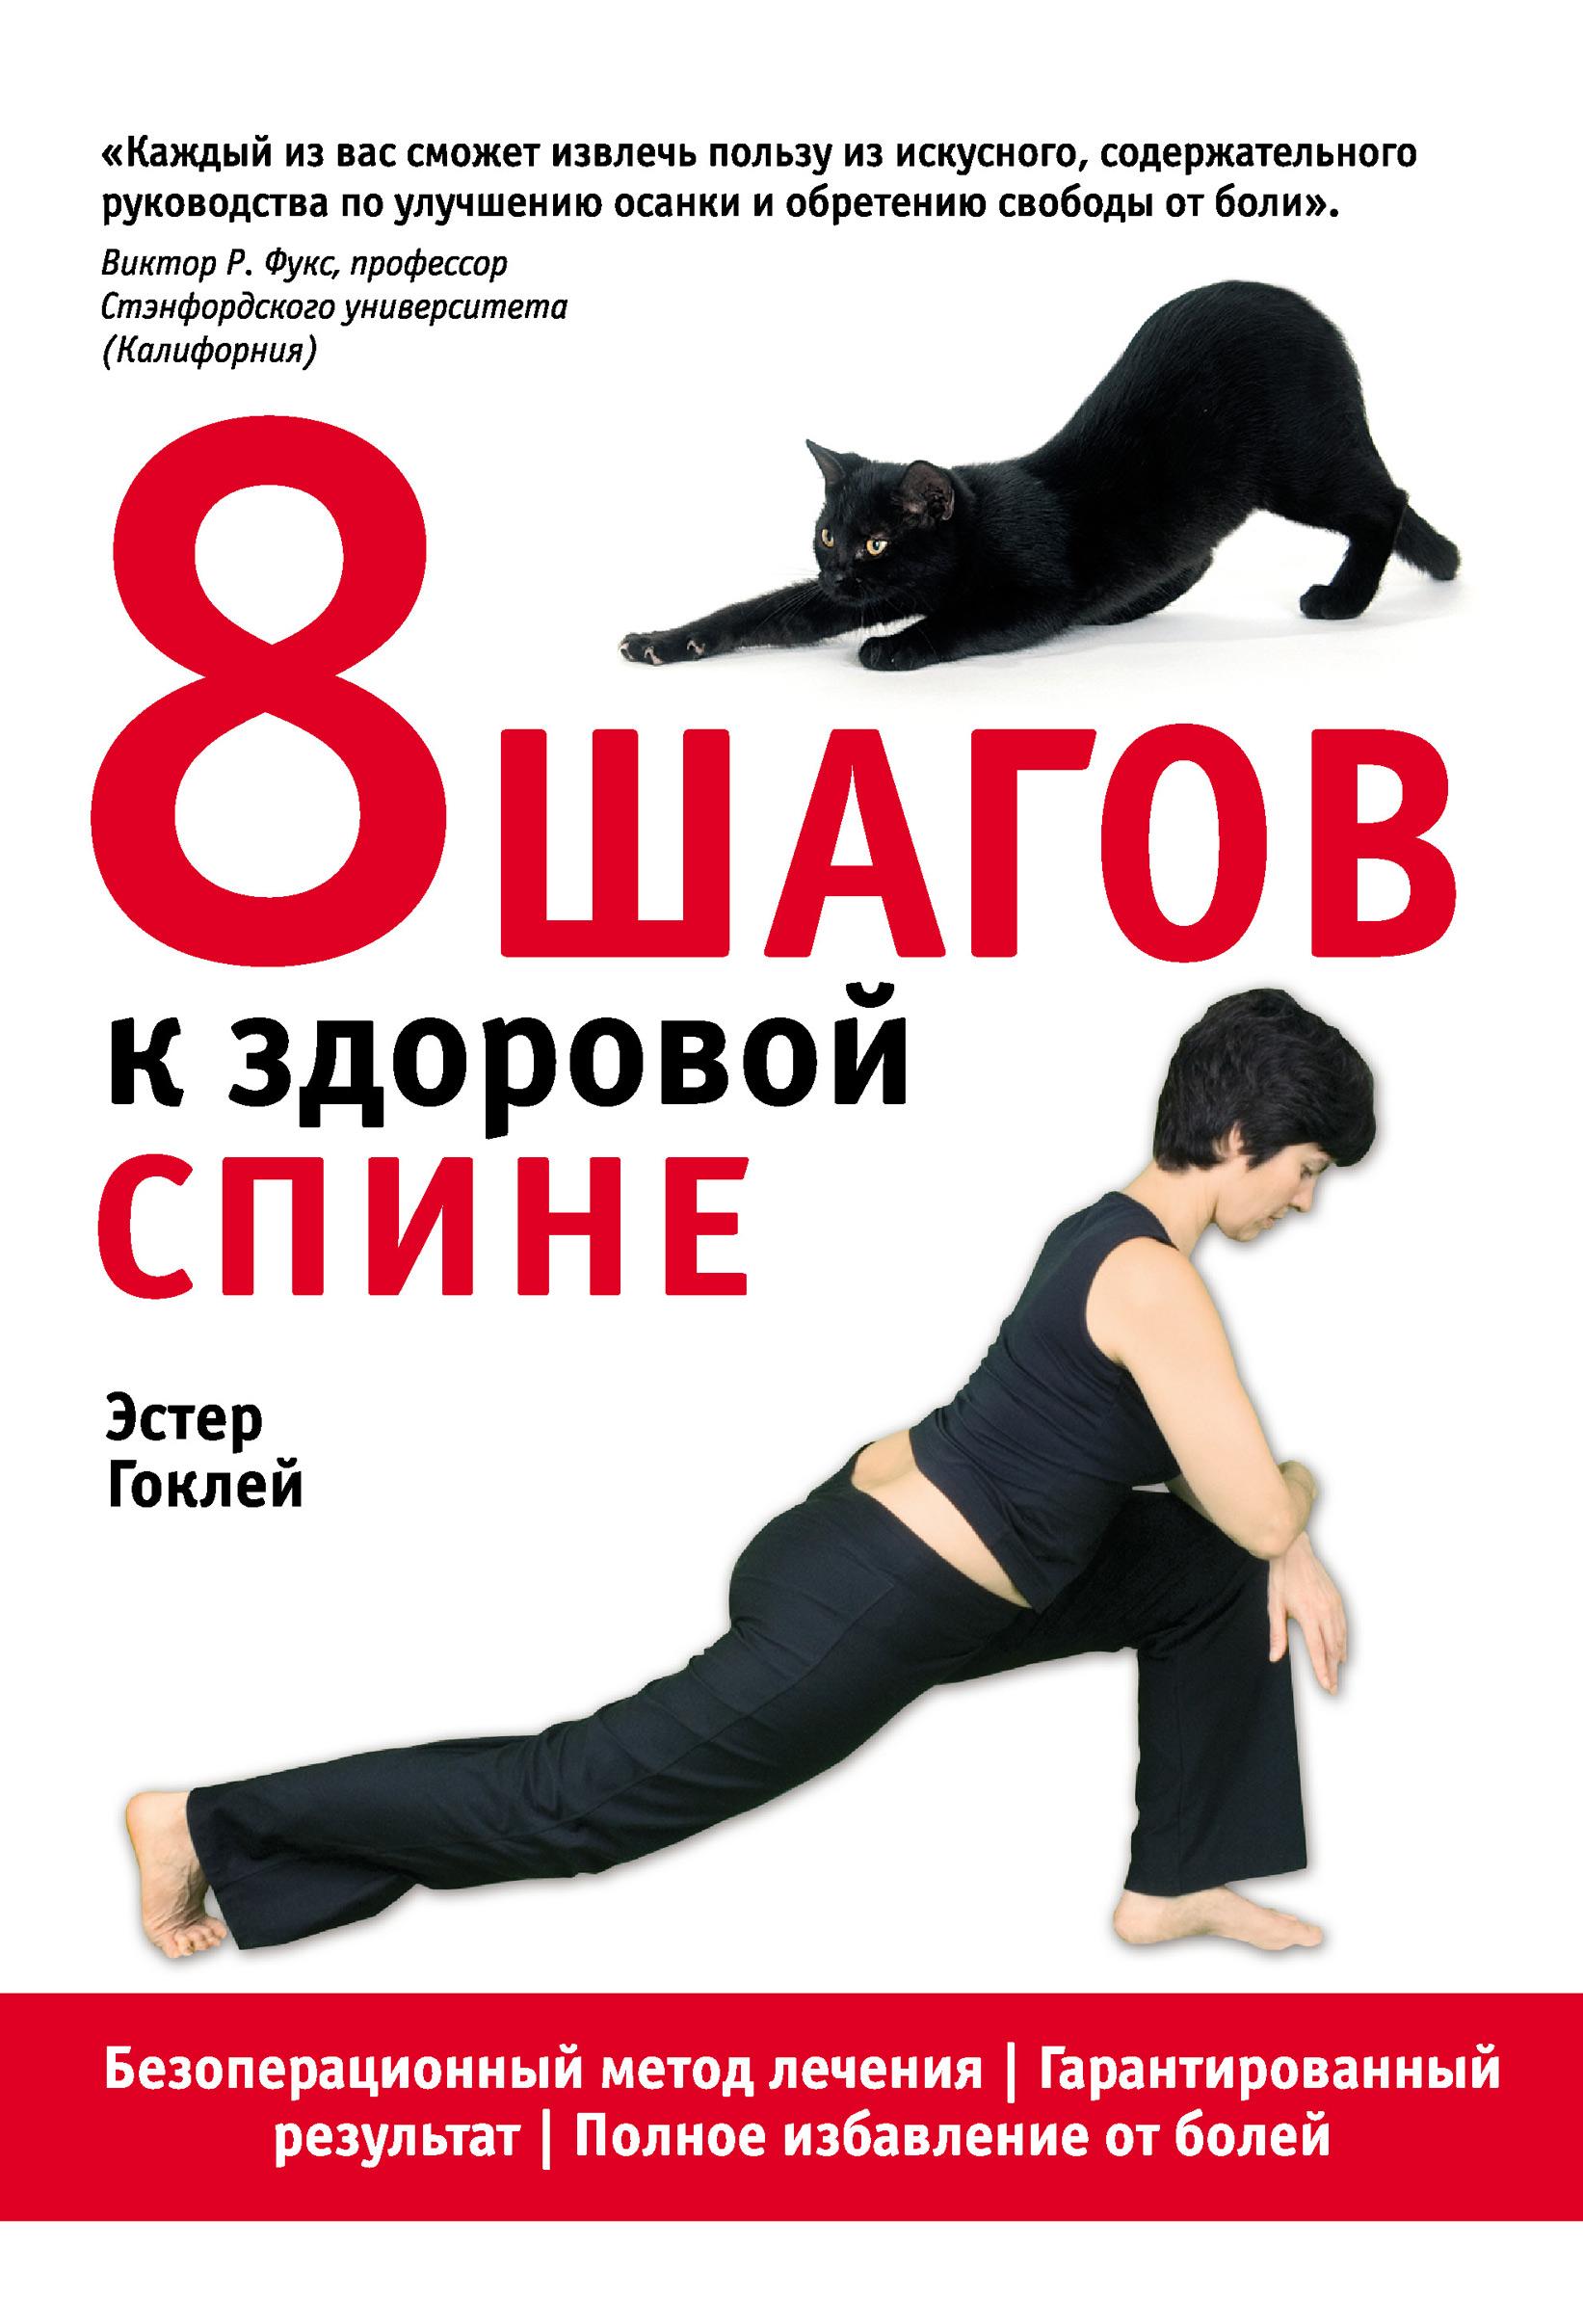 8шагов к здоровой спине